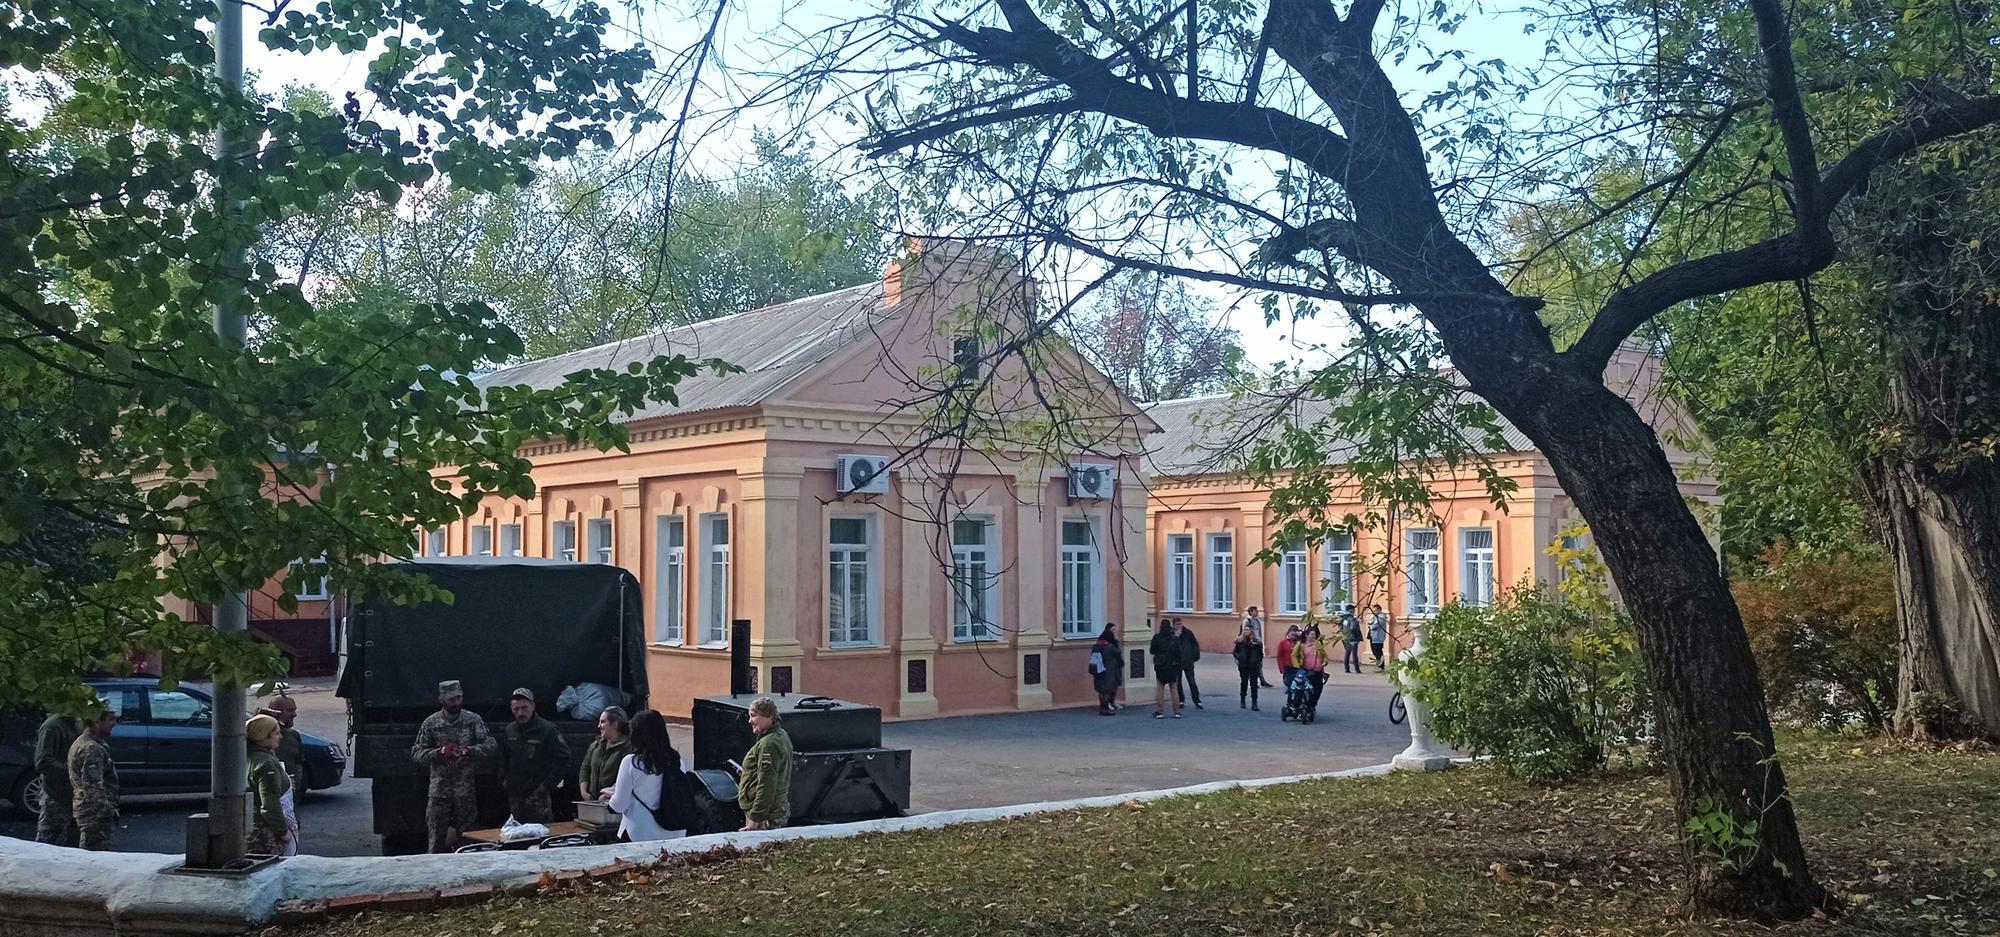 палац культури Фенольний у Нью-Йорку військова каша